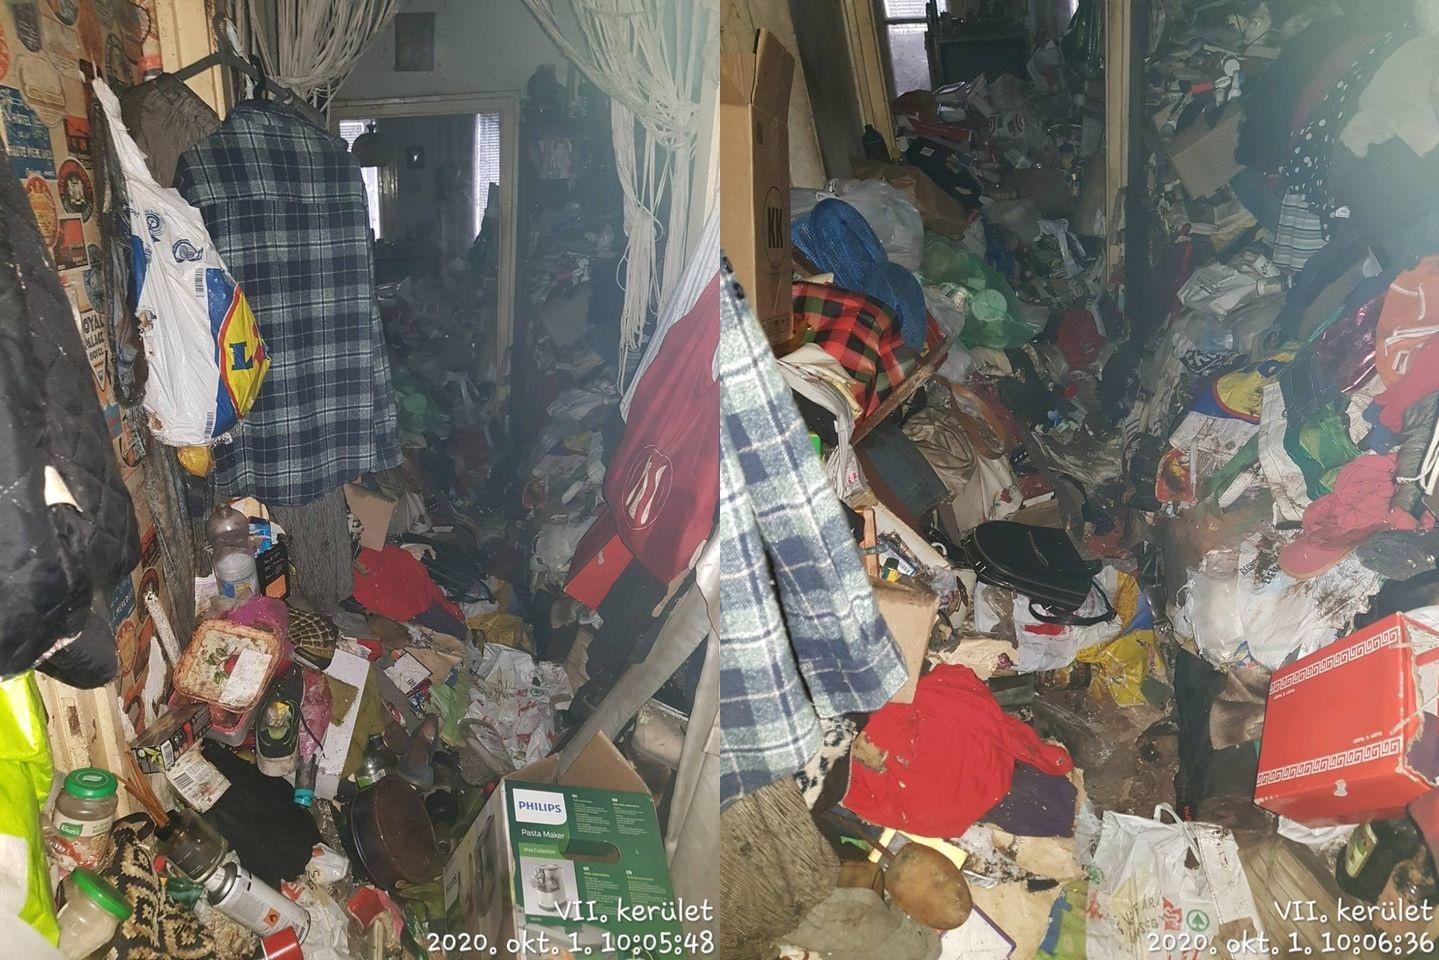 Egy nappal a cikkünk megjelenése után megoldották a VII. kerületi társasház szemétben és mocsokban élő lakójának ügyét